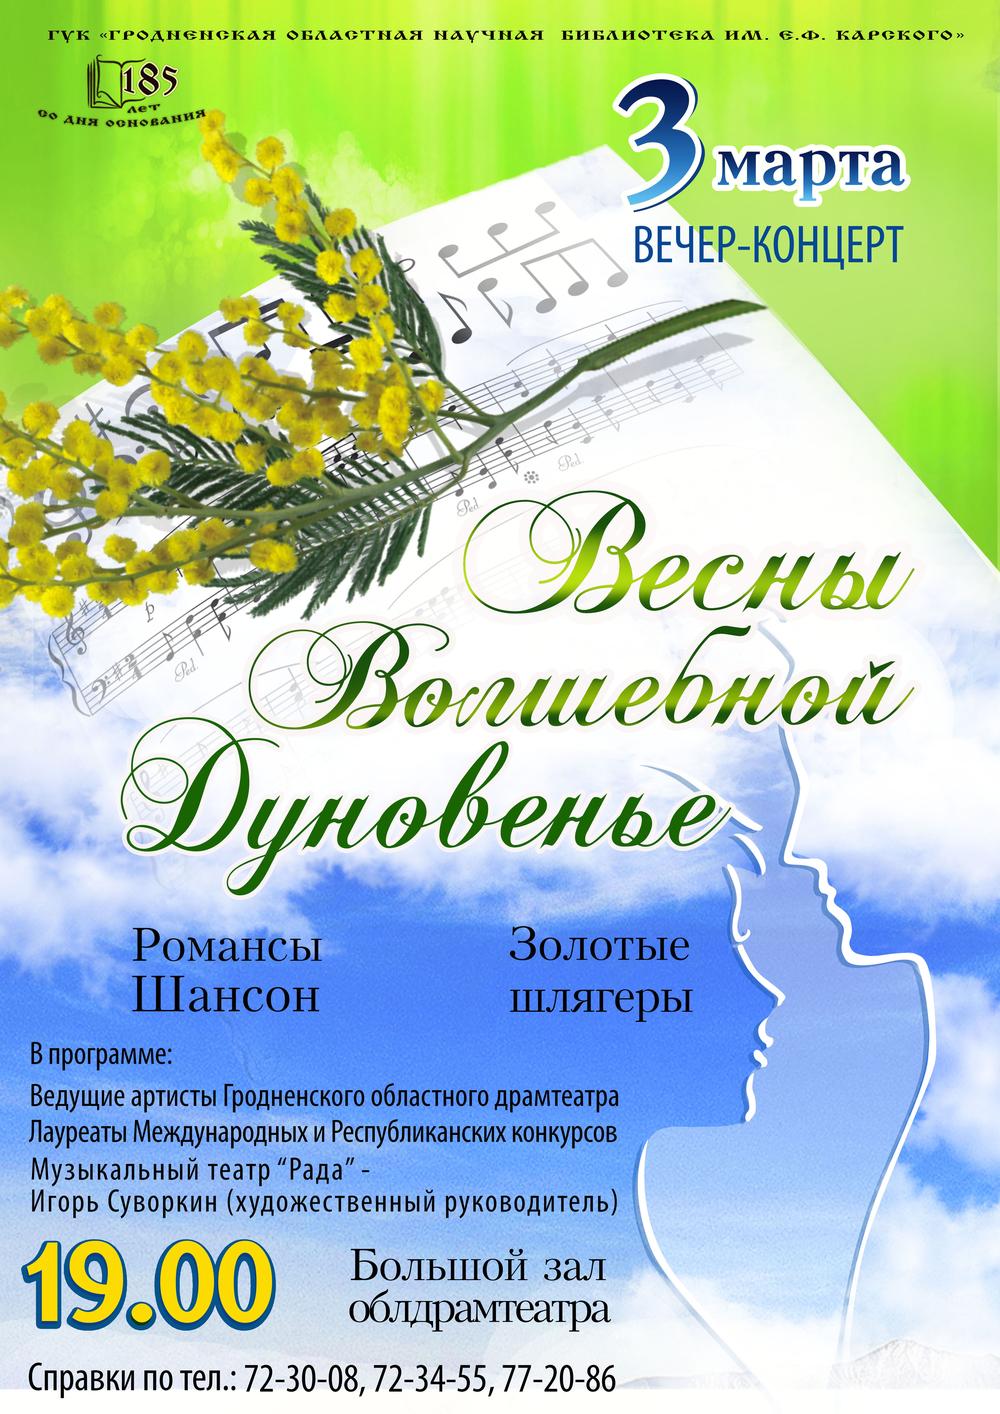 Афиша Москвы на апрель 2018 Концерты в Москве 2018 Афиша